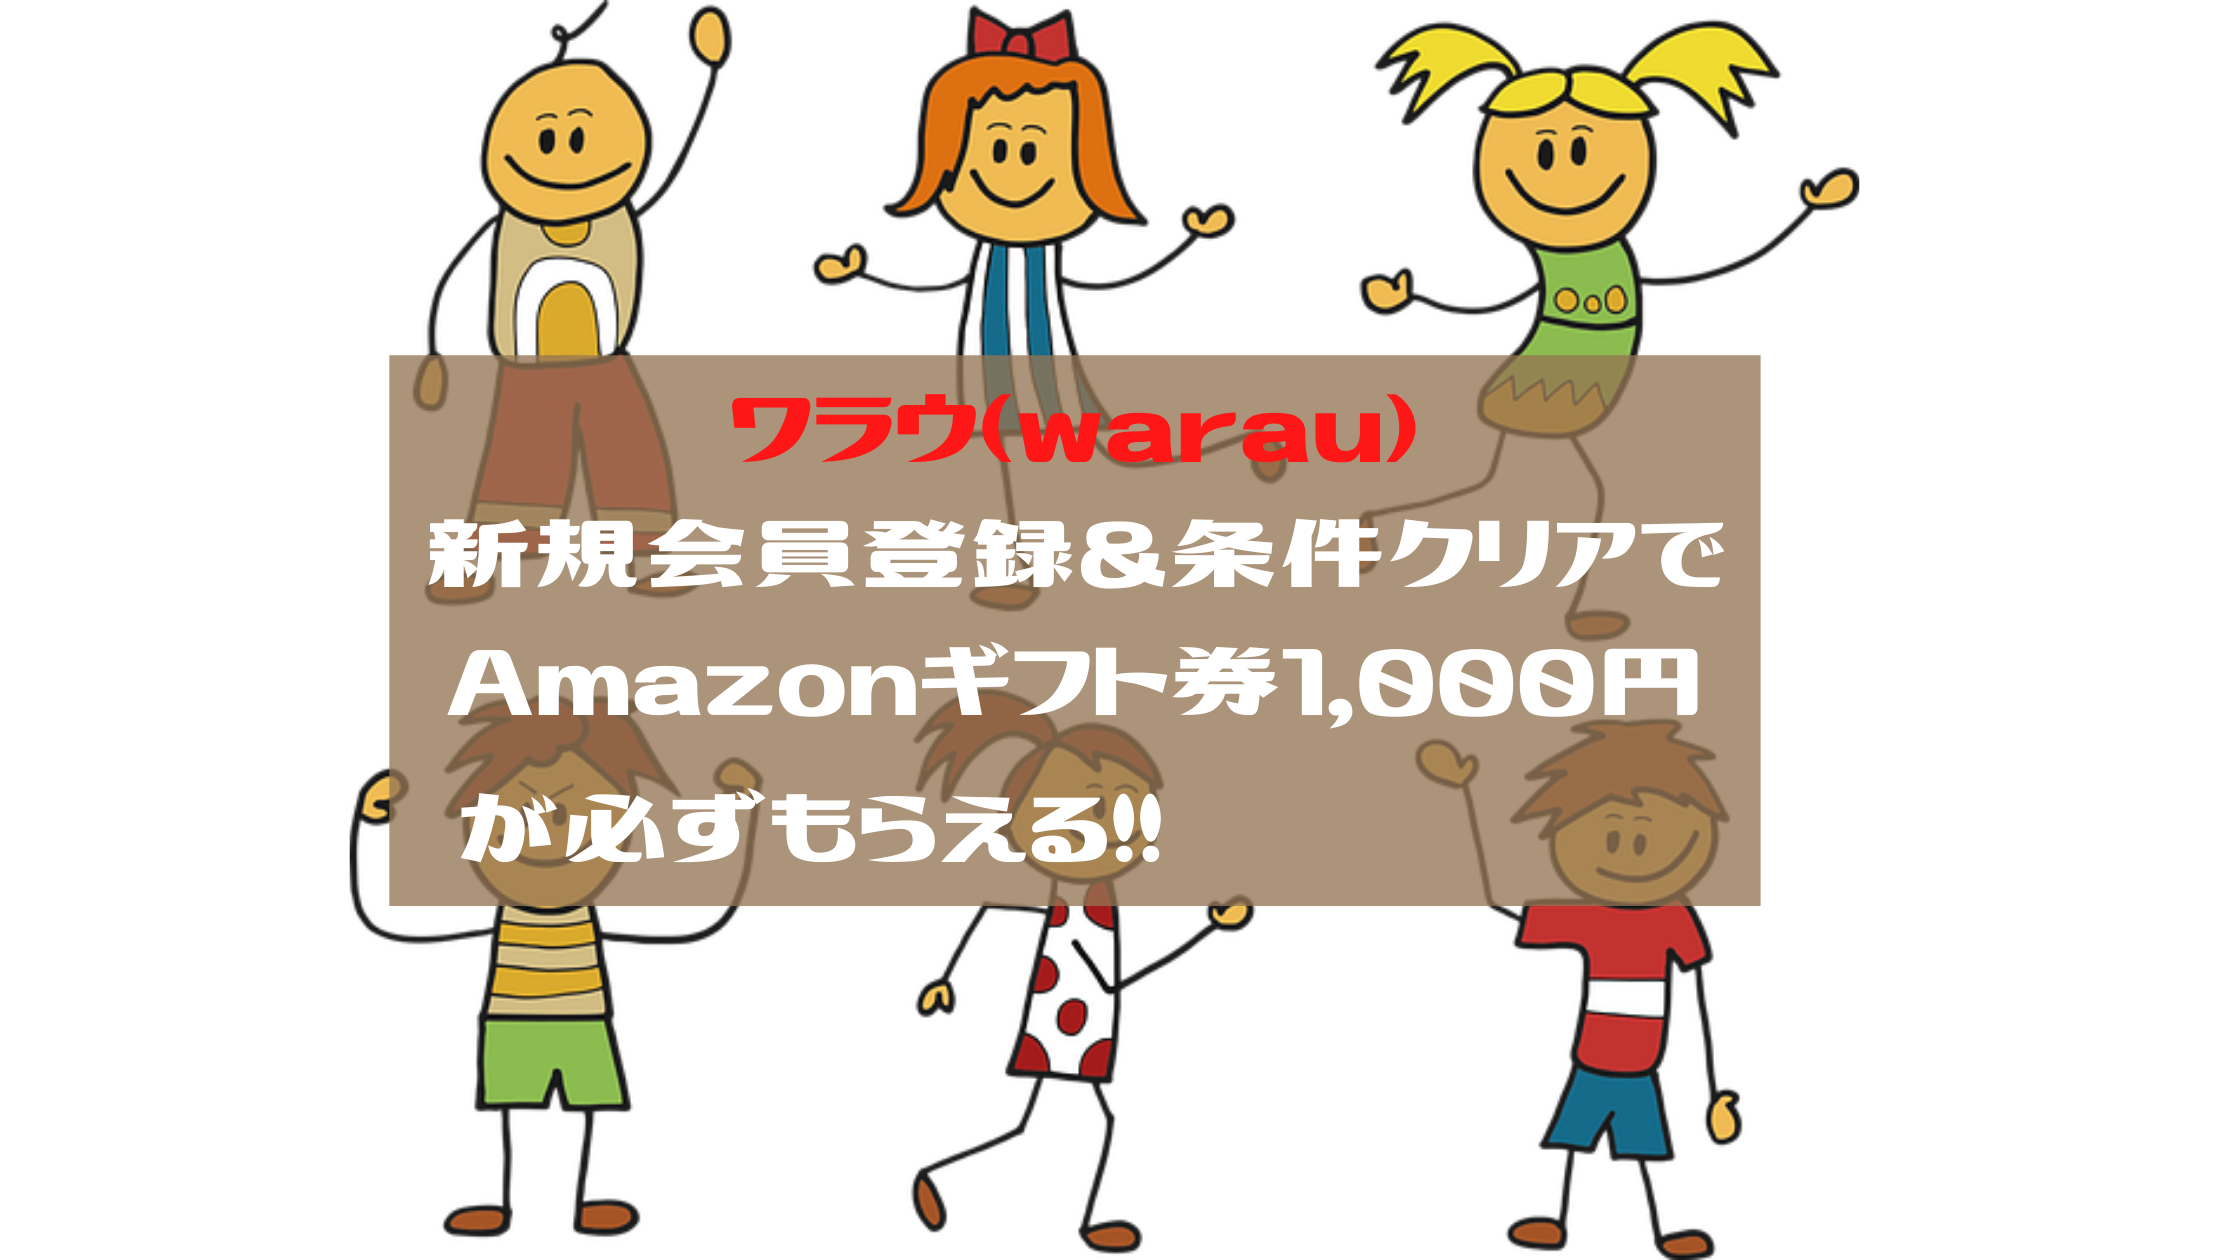 ワラウ 新規入会&条件クリアでAmazonギフト券1,000円が貰える